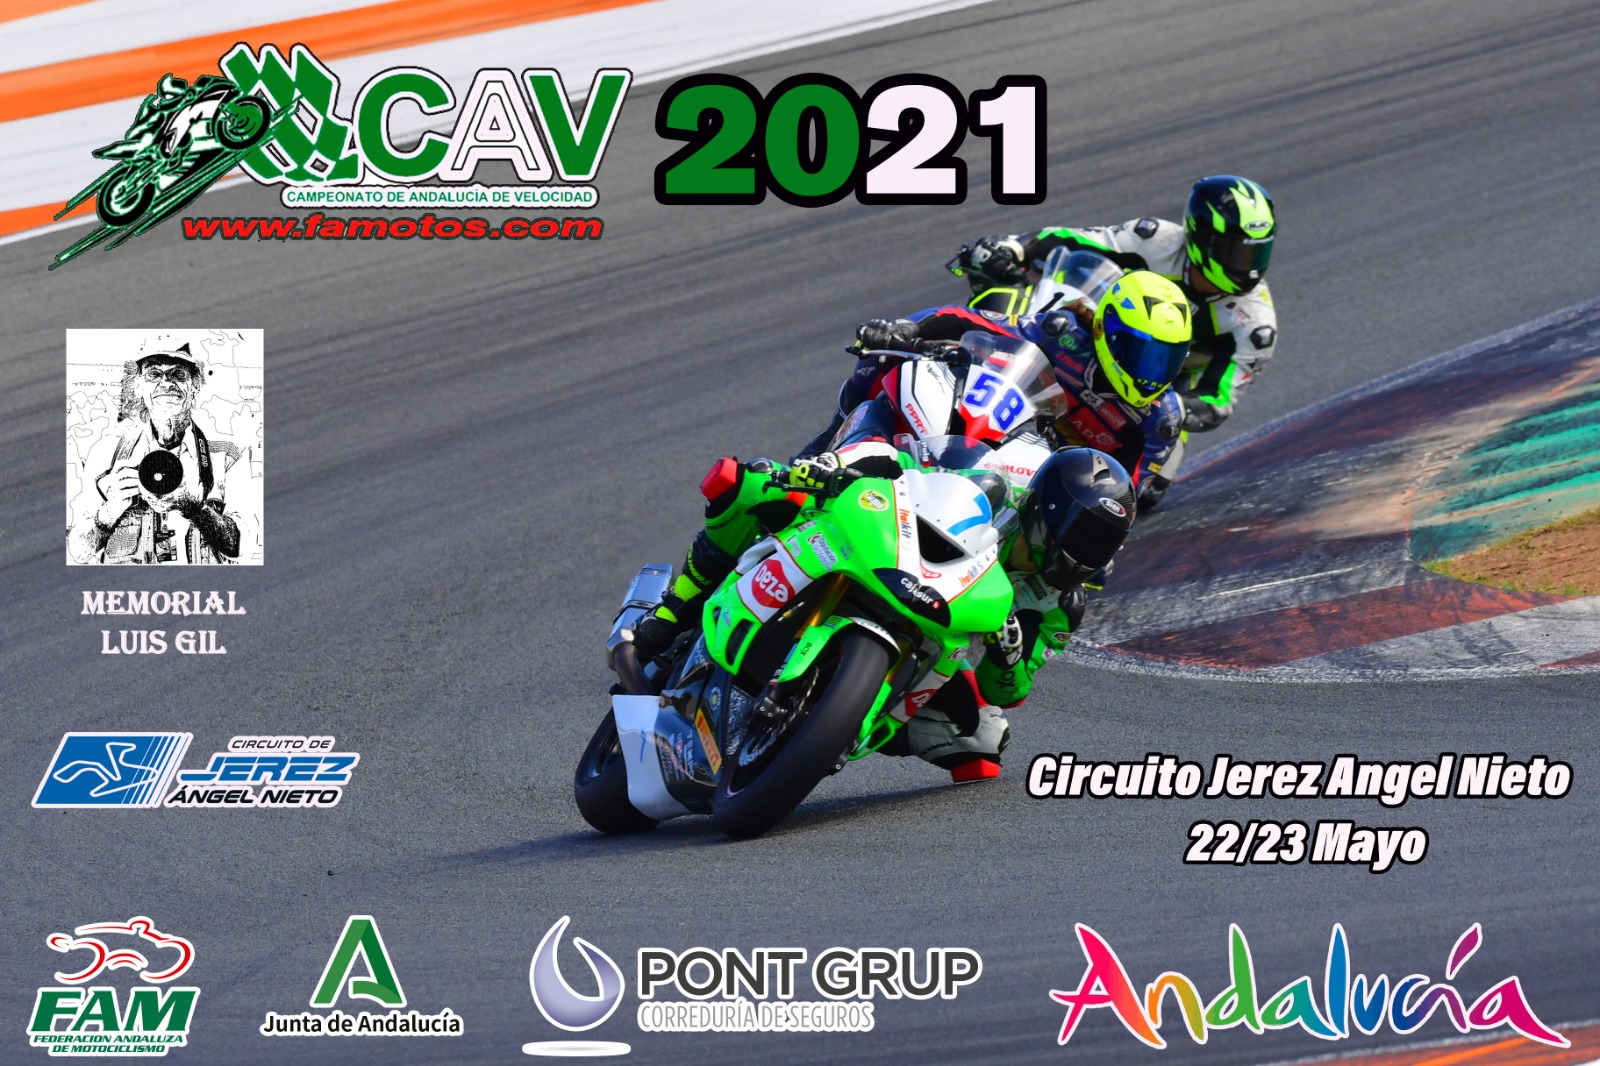 El Campeonato Andaluz de Velocidad junto al Interterritorial, hacen parada en Jerez